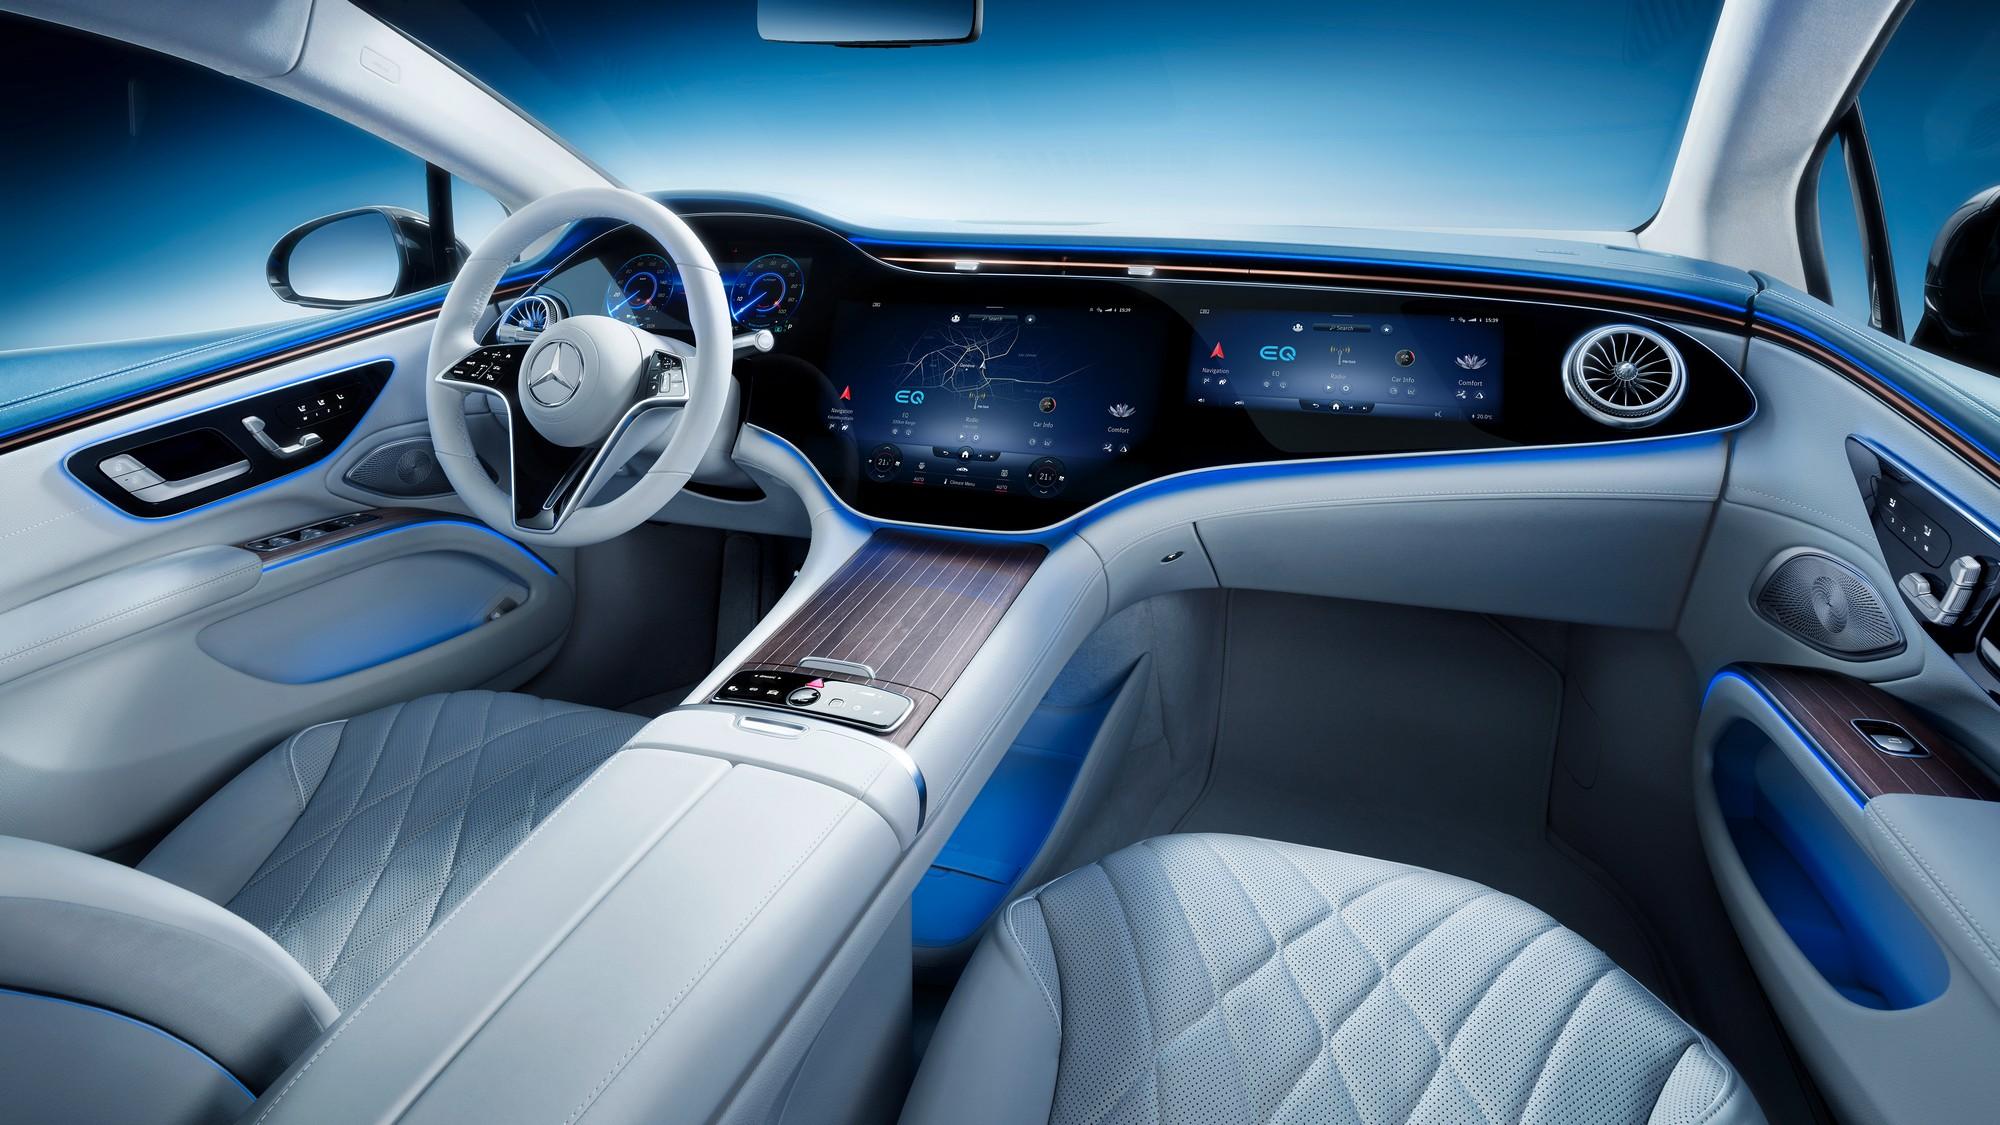 Mercedes EQS infotainment